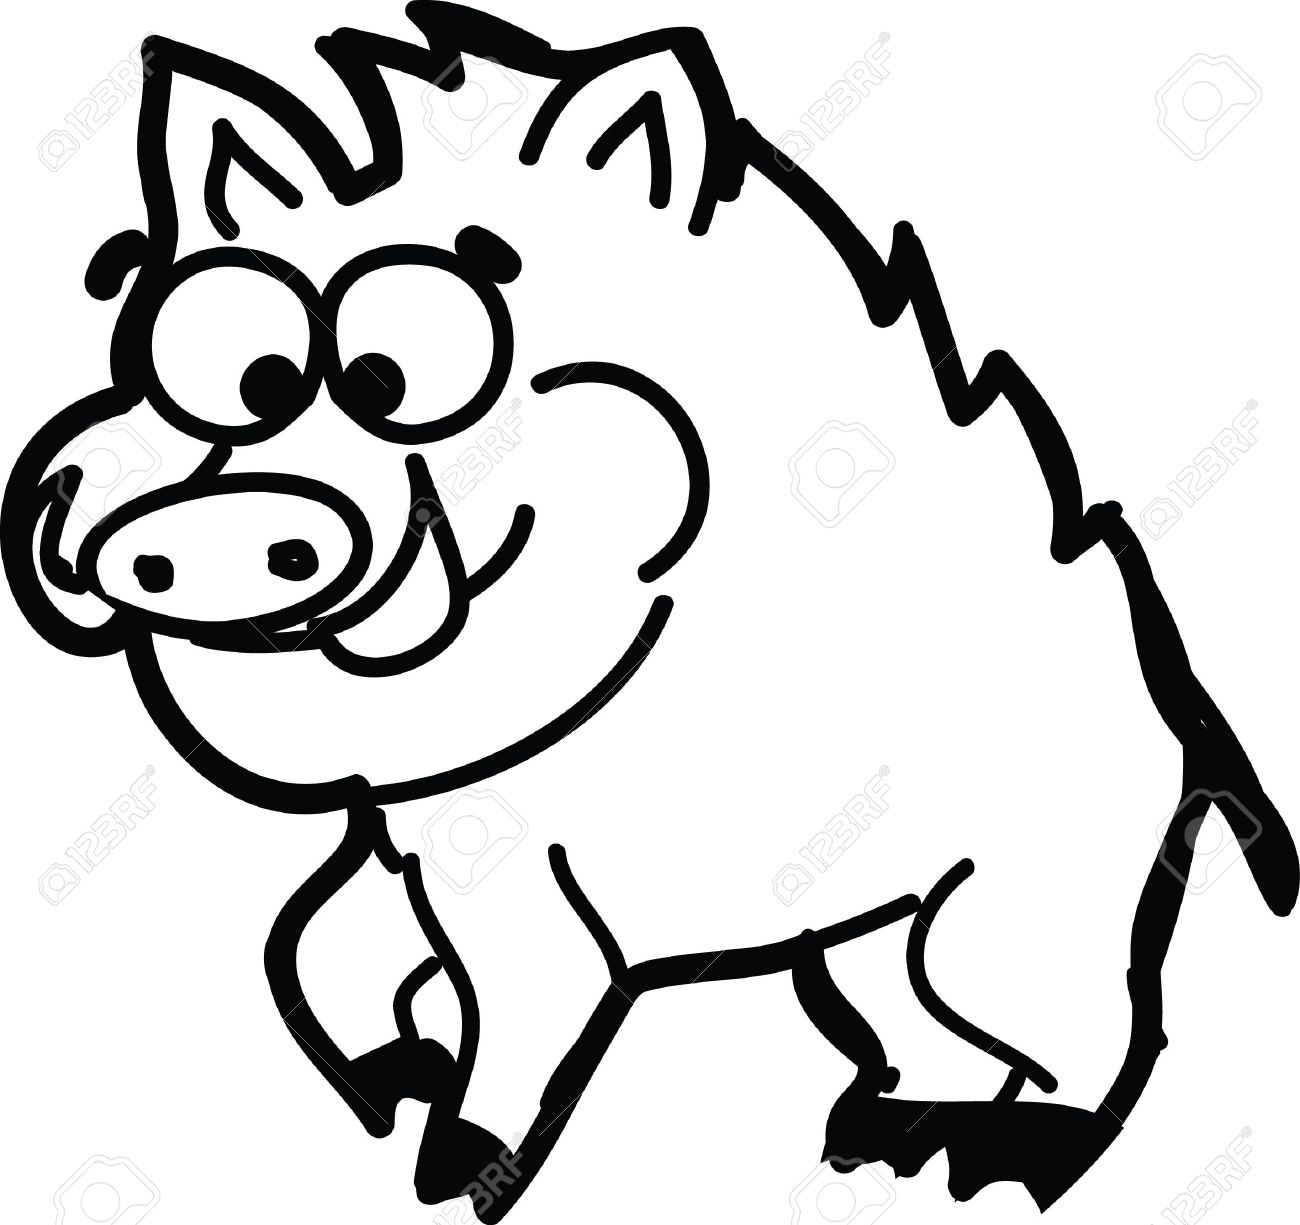 1300x1225 Drawn Boar Cartoonist